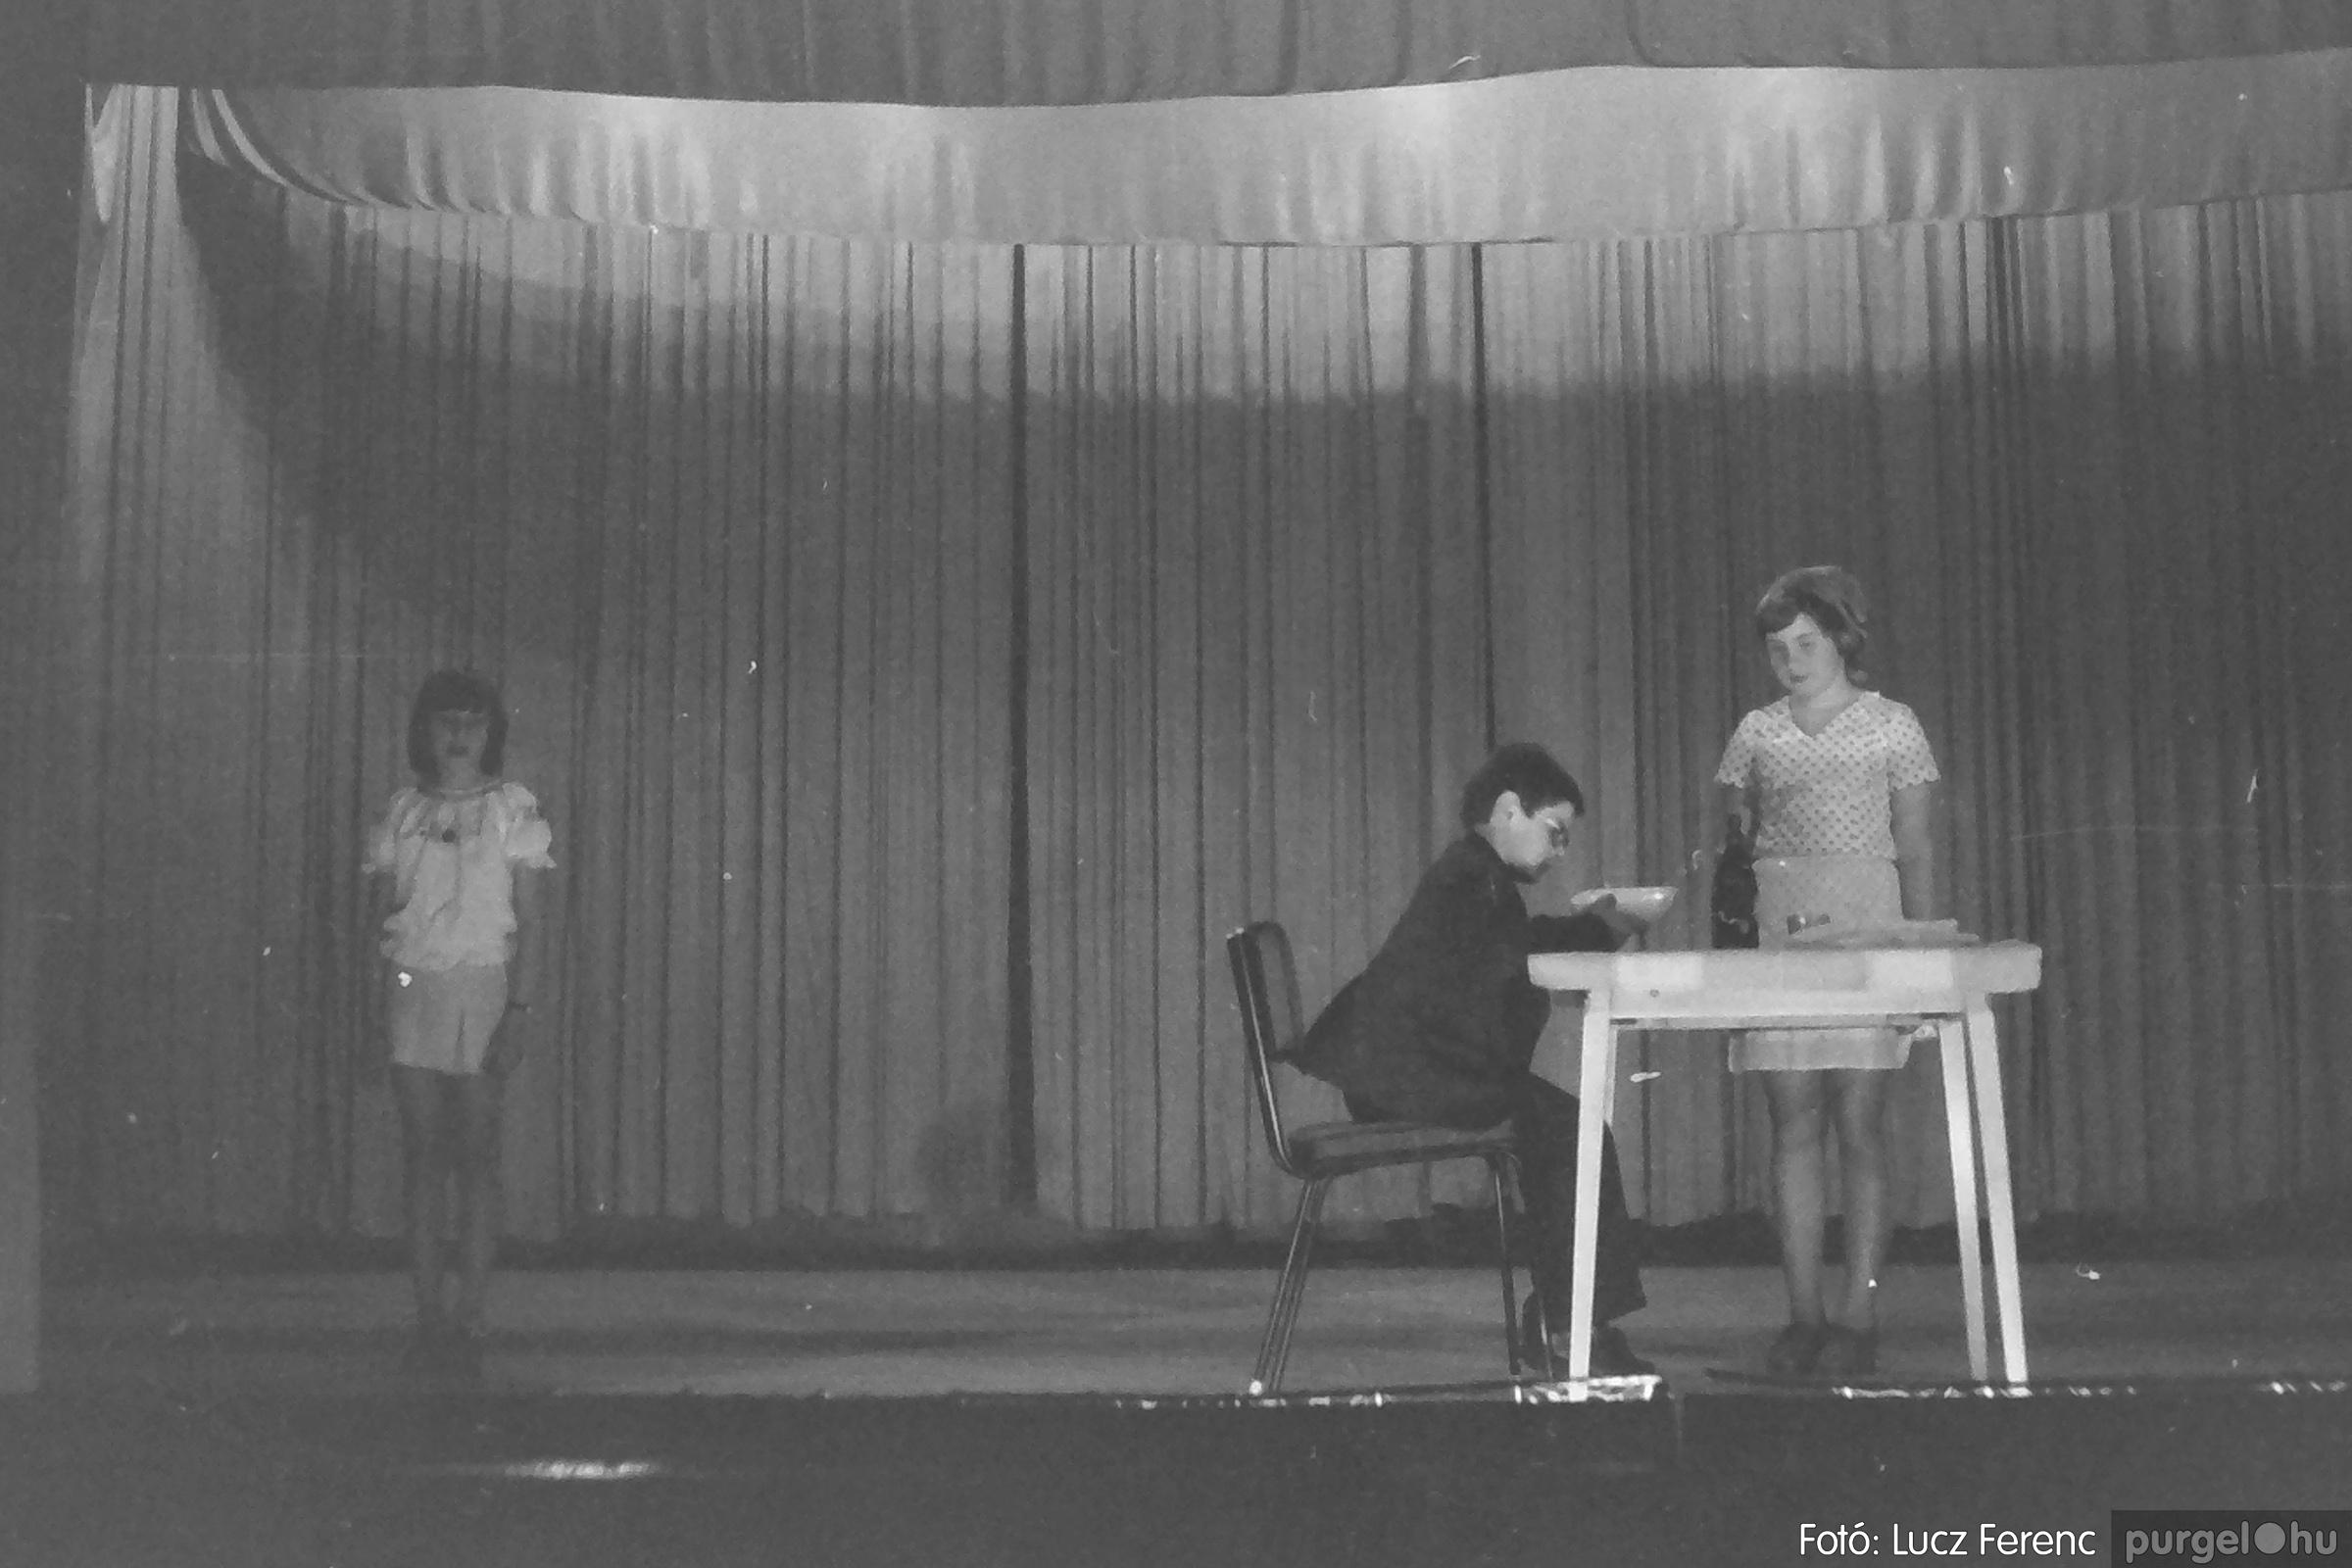 076. 1977. Iskolások fellépése a kultúrházban 002. - Fotó: Lucz Ferenc.jpg